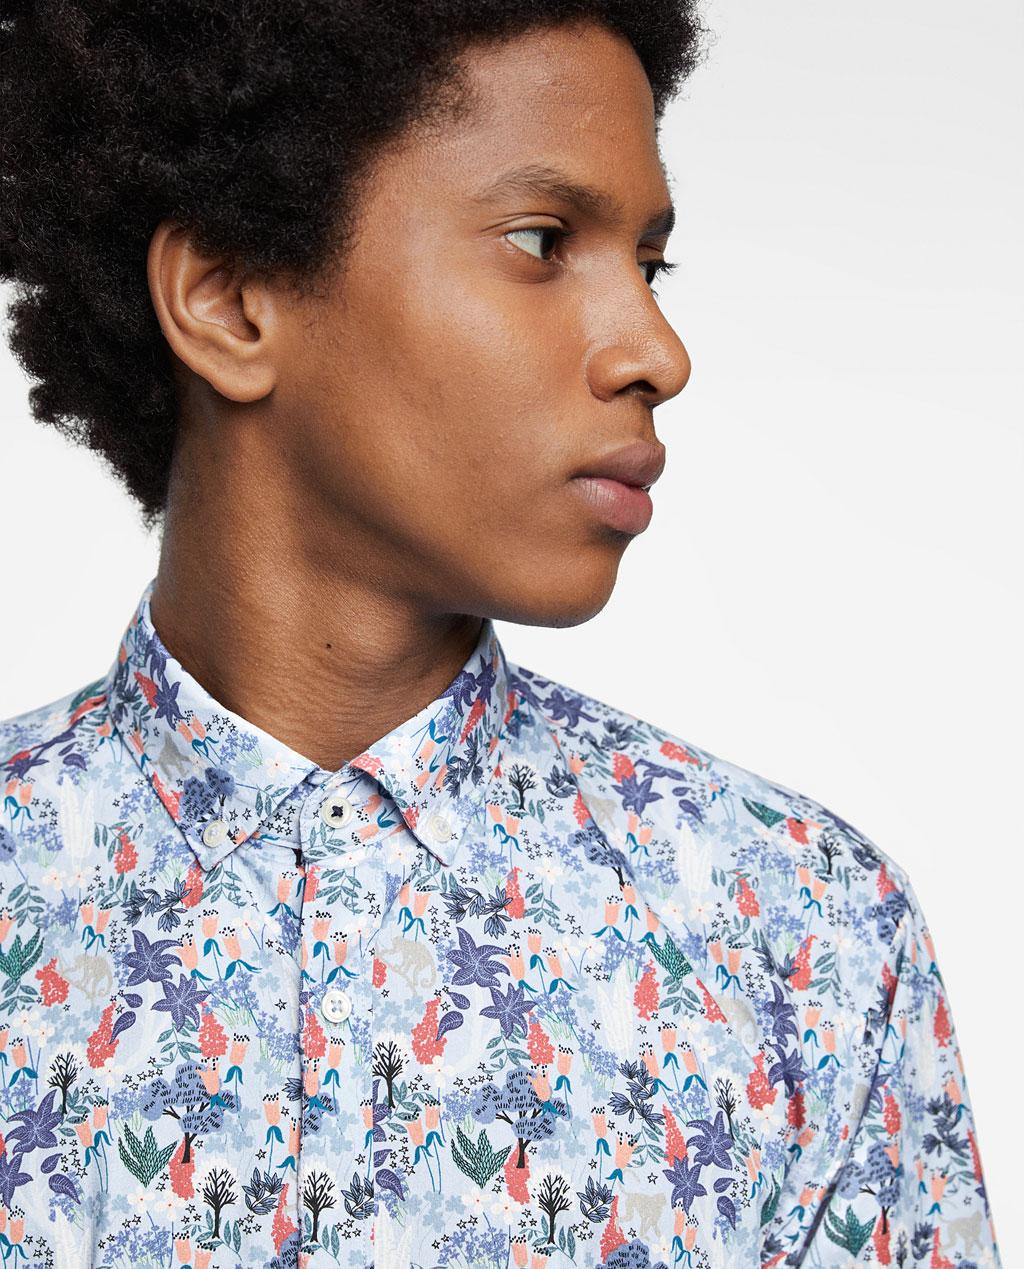 Thời trang nam Zara  24036 - ảnh 5